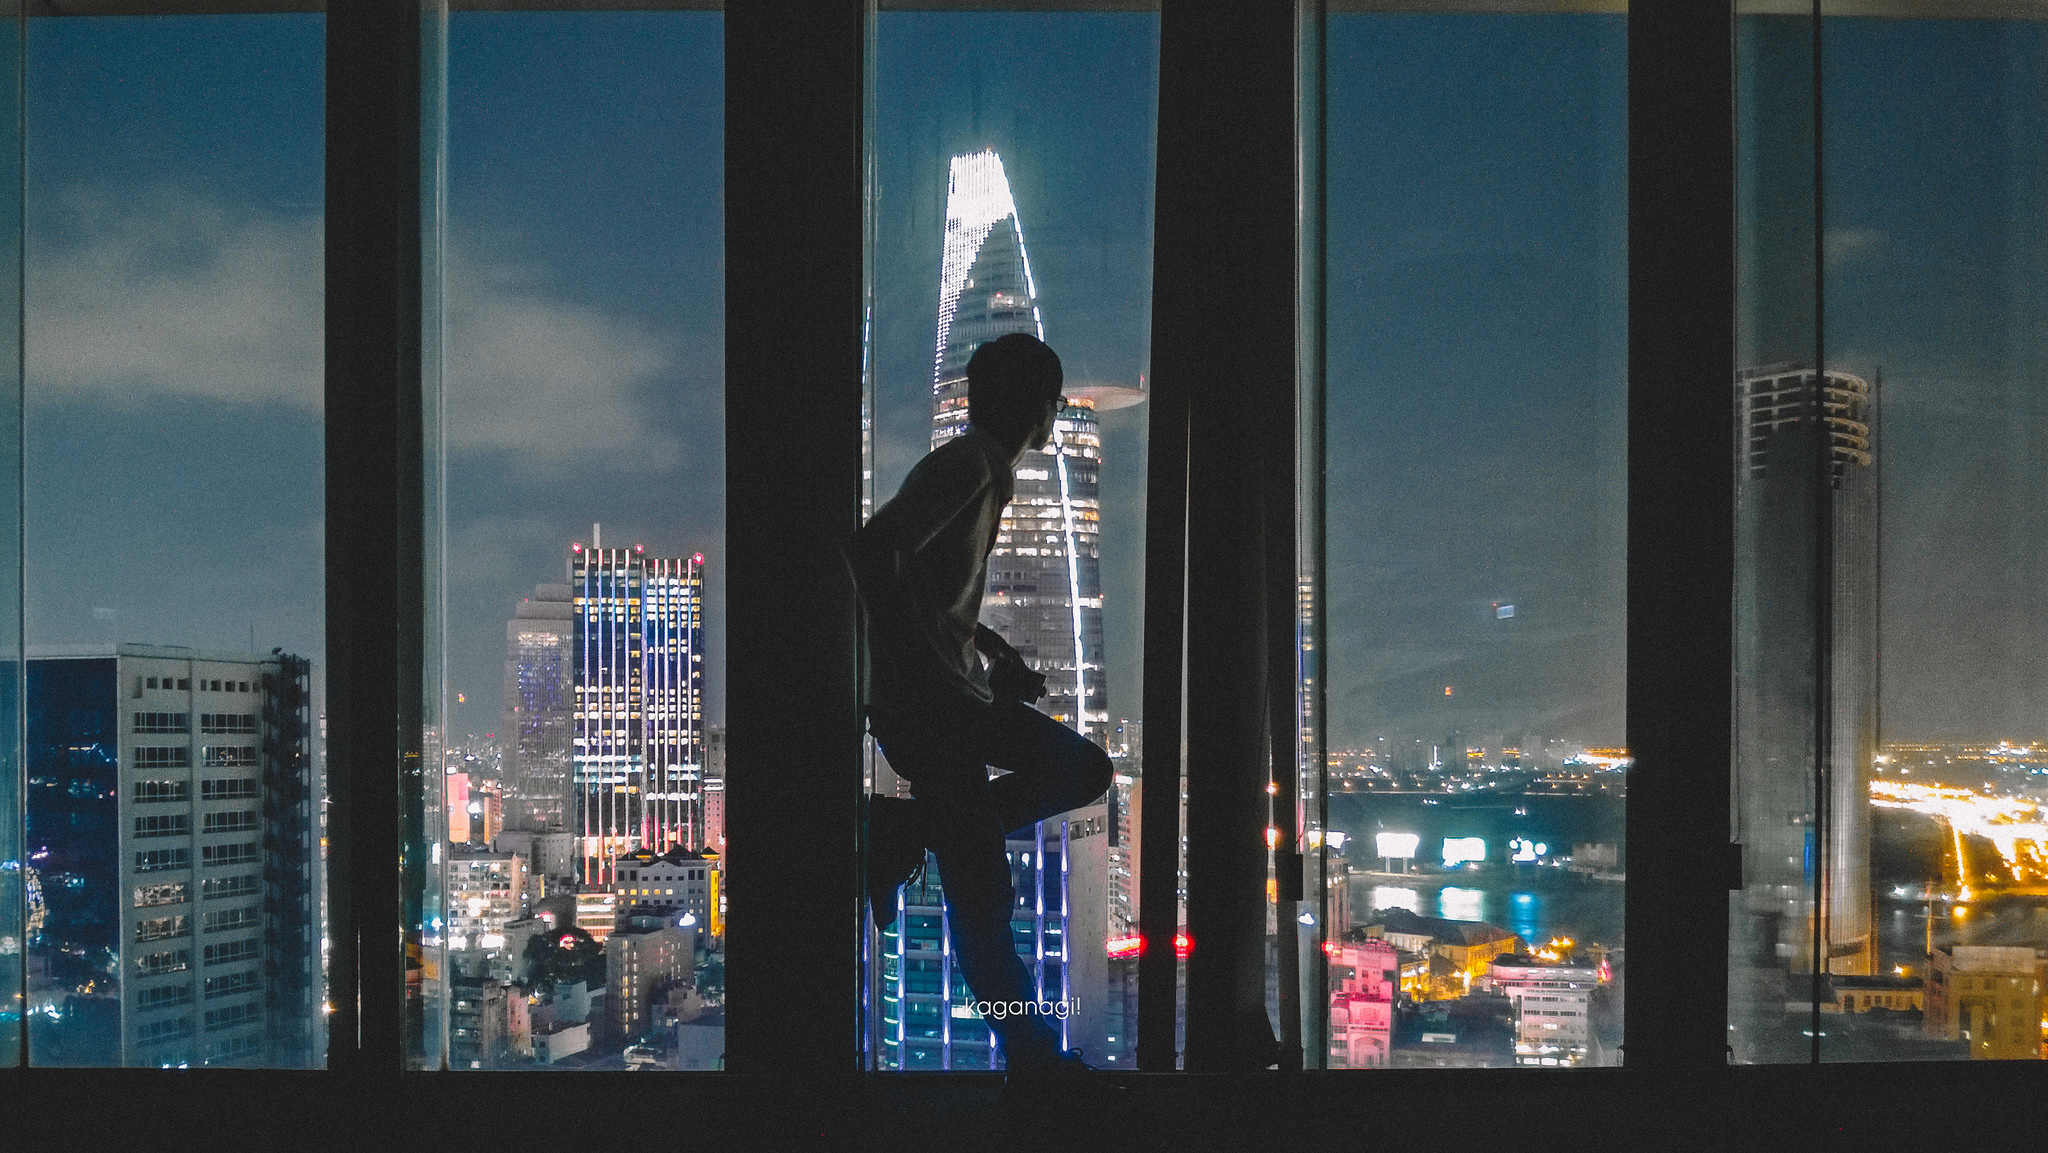 9x với loạt ảnh chụp từ trên cao khiến bạn ngỡ ngàng vì vẻ đẹp choáng ngợp của Sài Gòn - Ảnh 8.